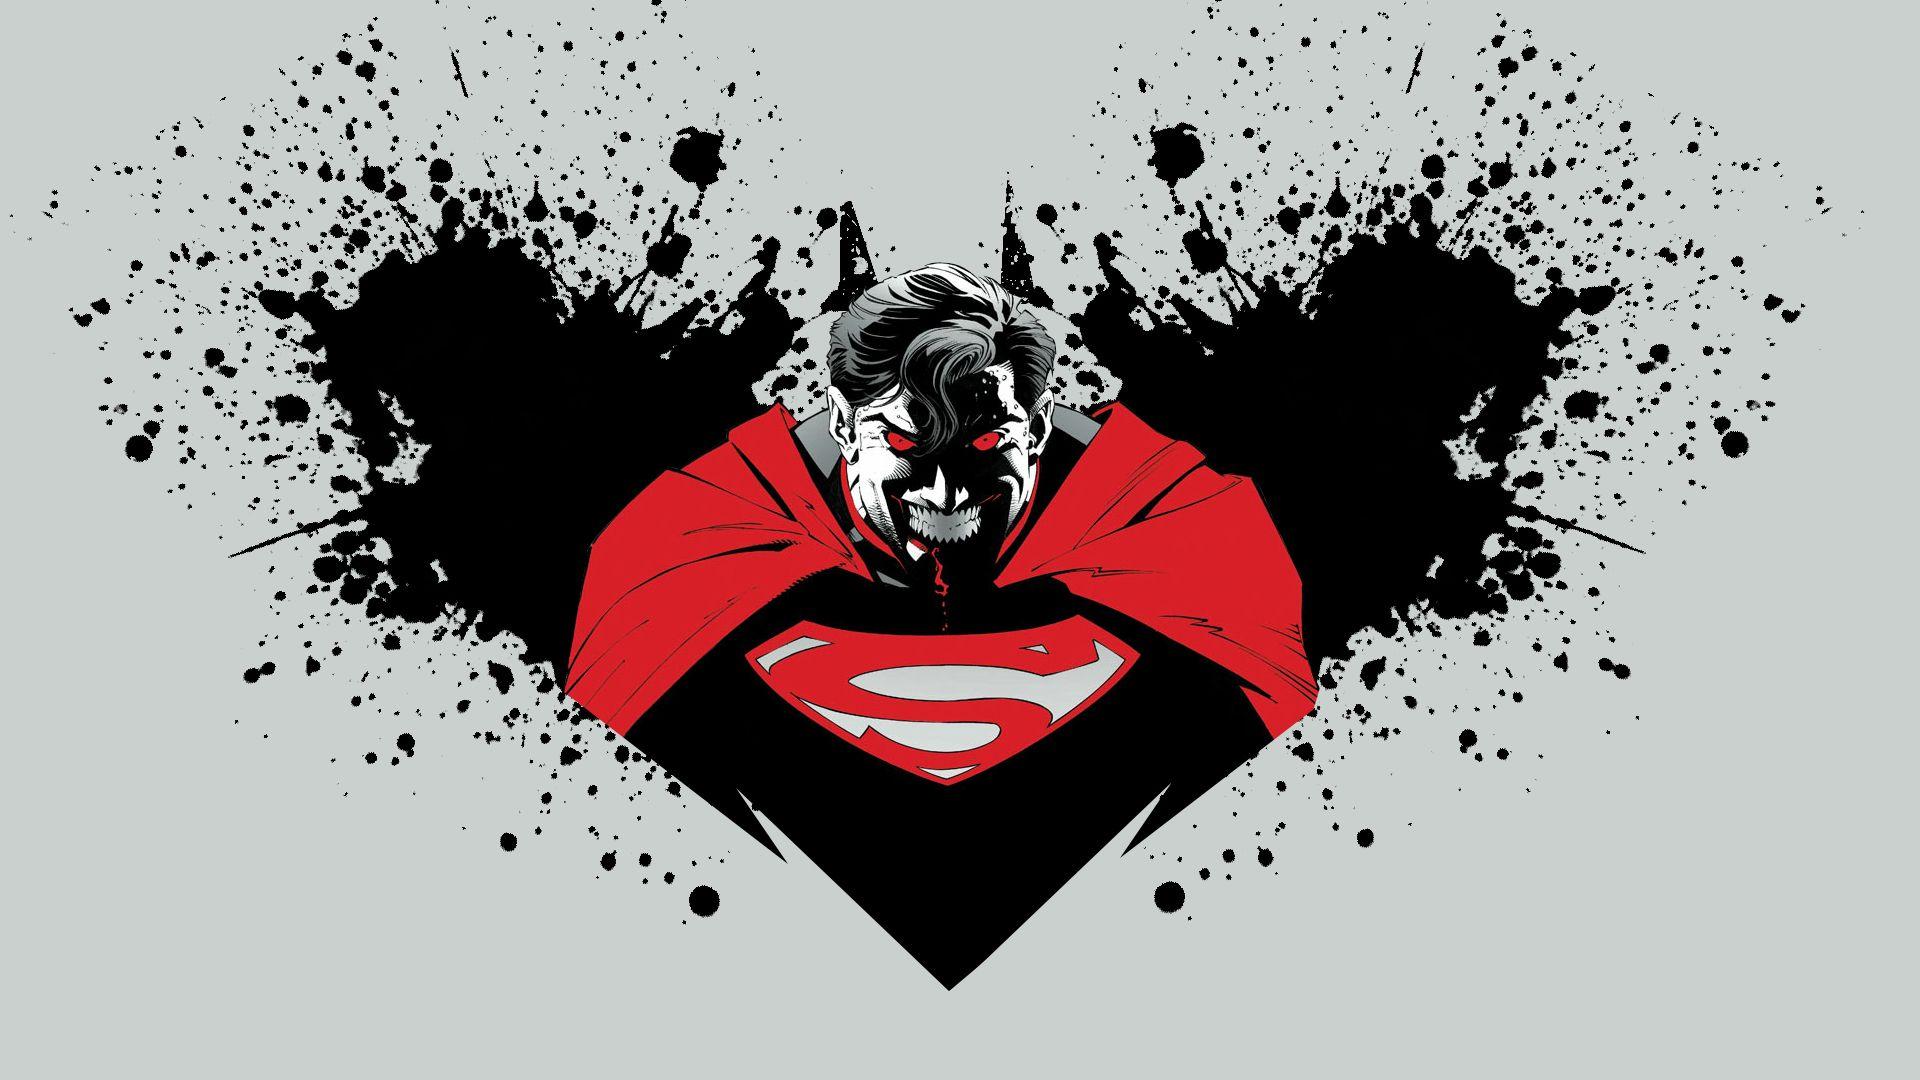 Batman Vs Superman Logo Wallpaper Find Best Latest In HD